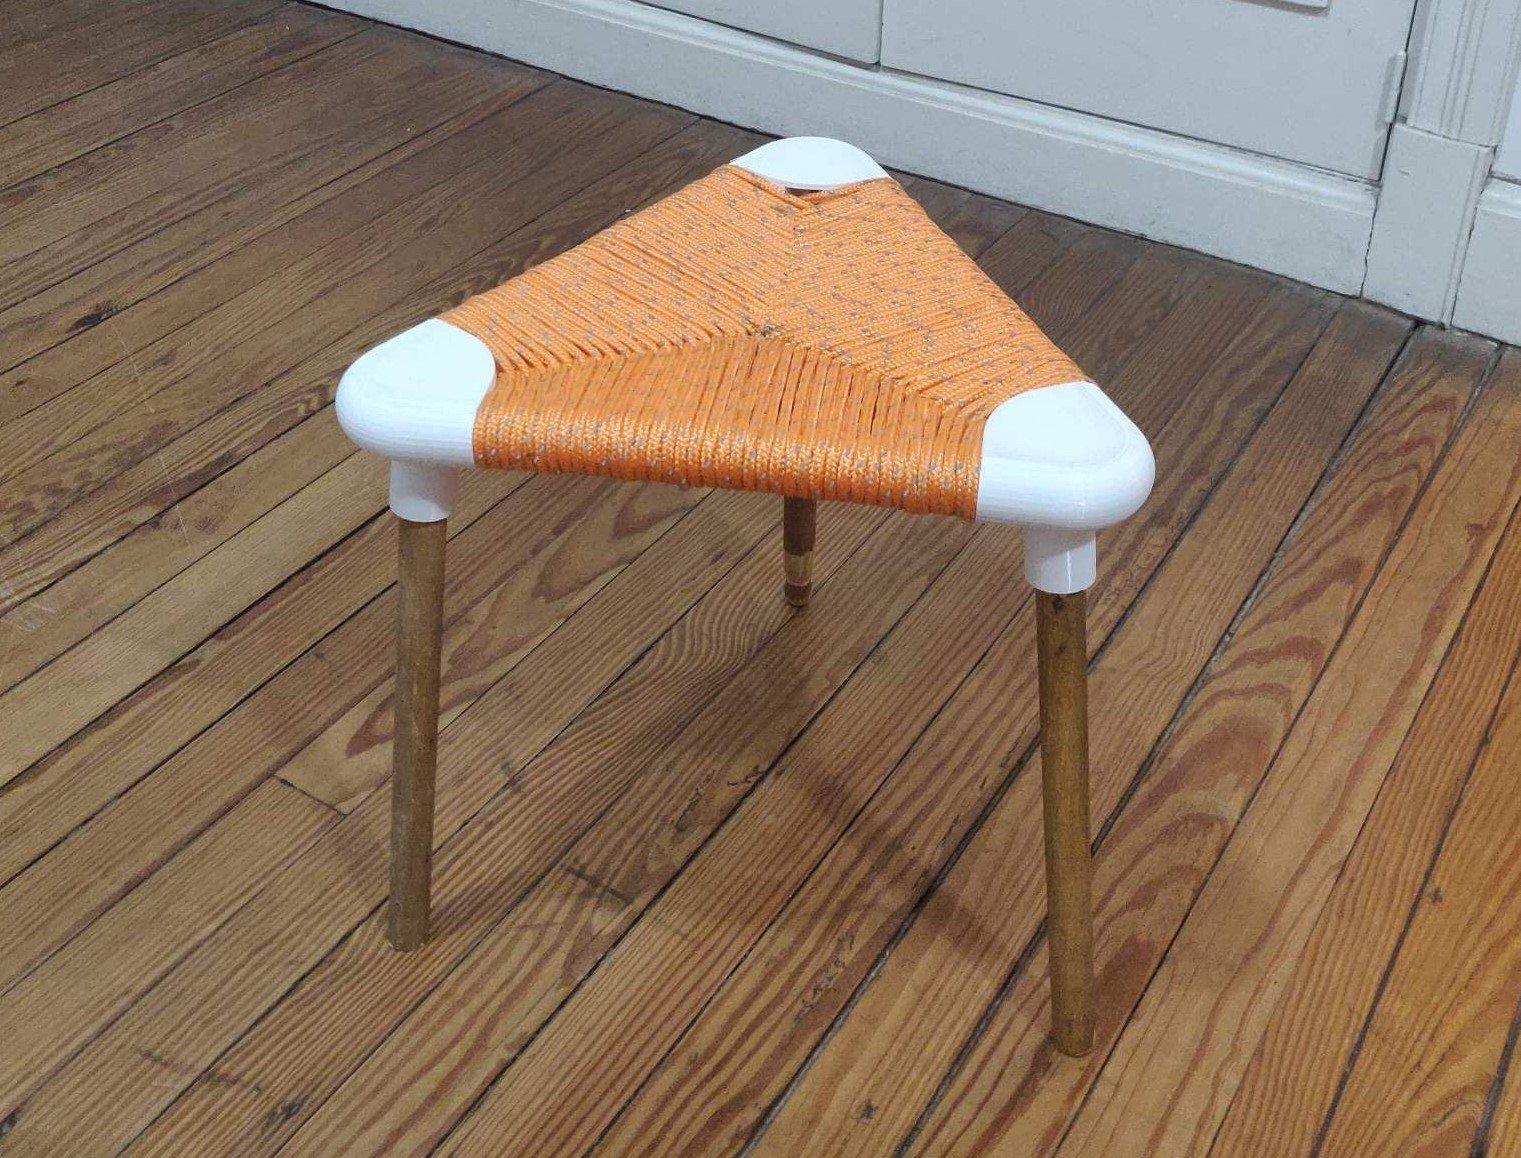 Banquito3D - Triangular weaving seat - Banquito encordado triangular